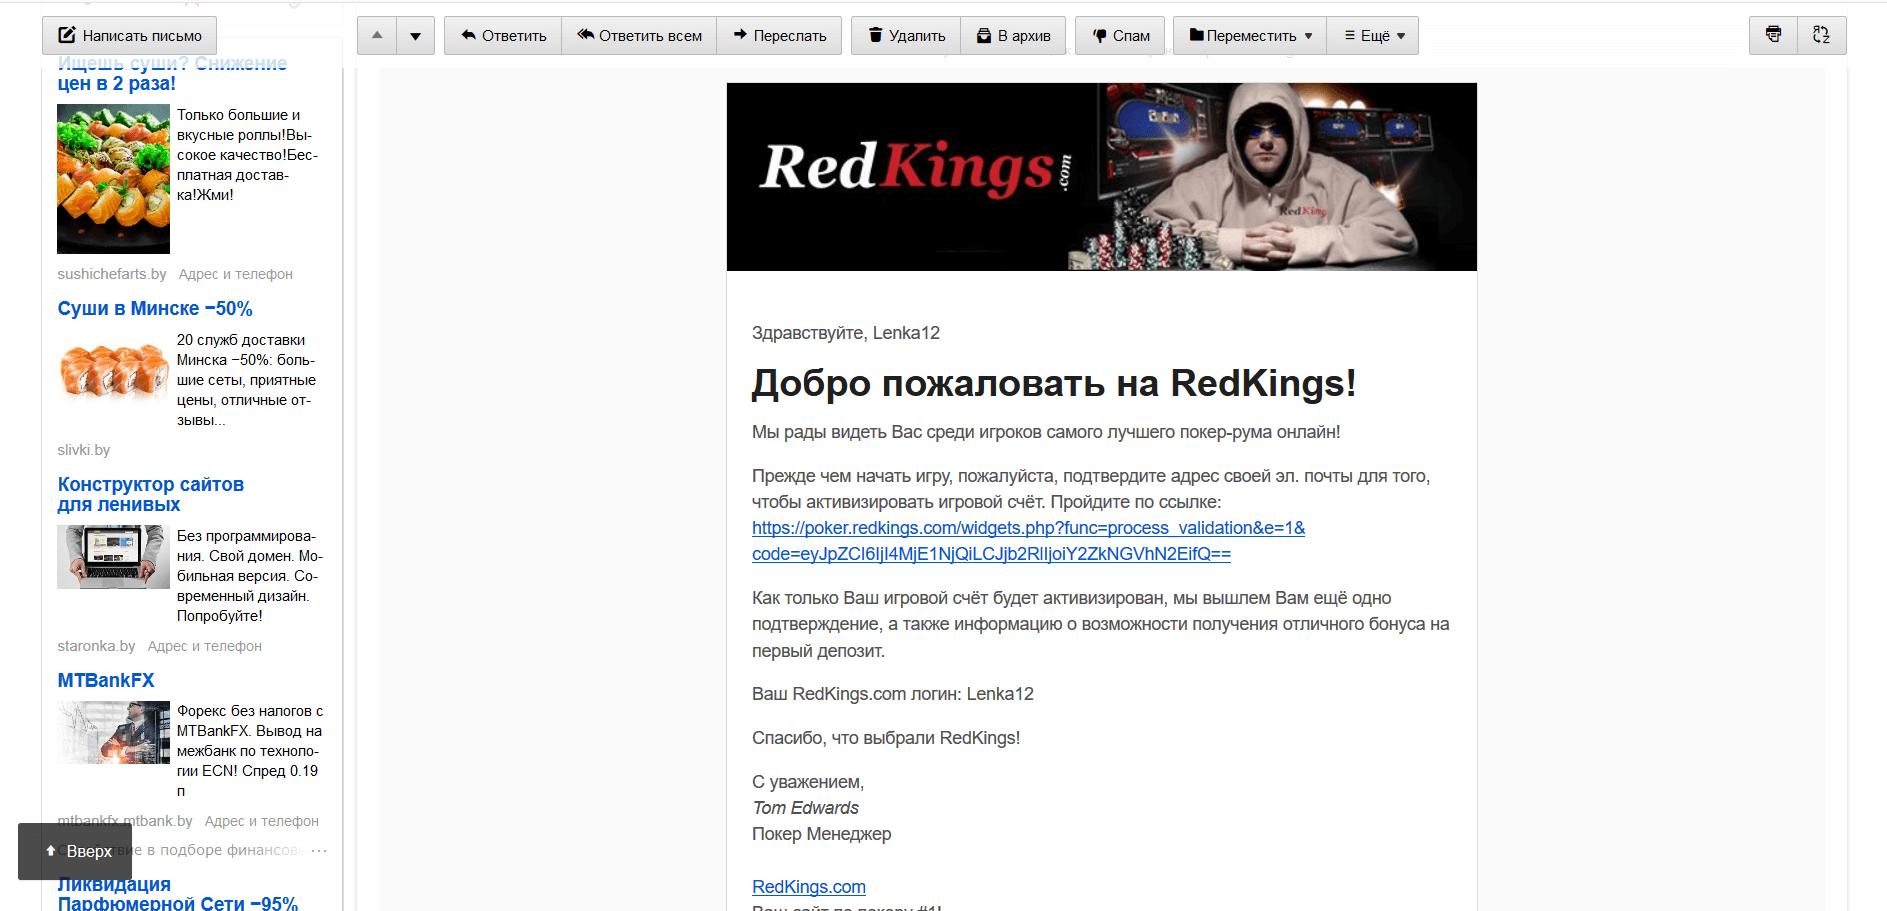 редкингс регистрация